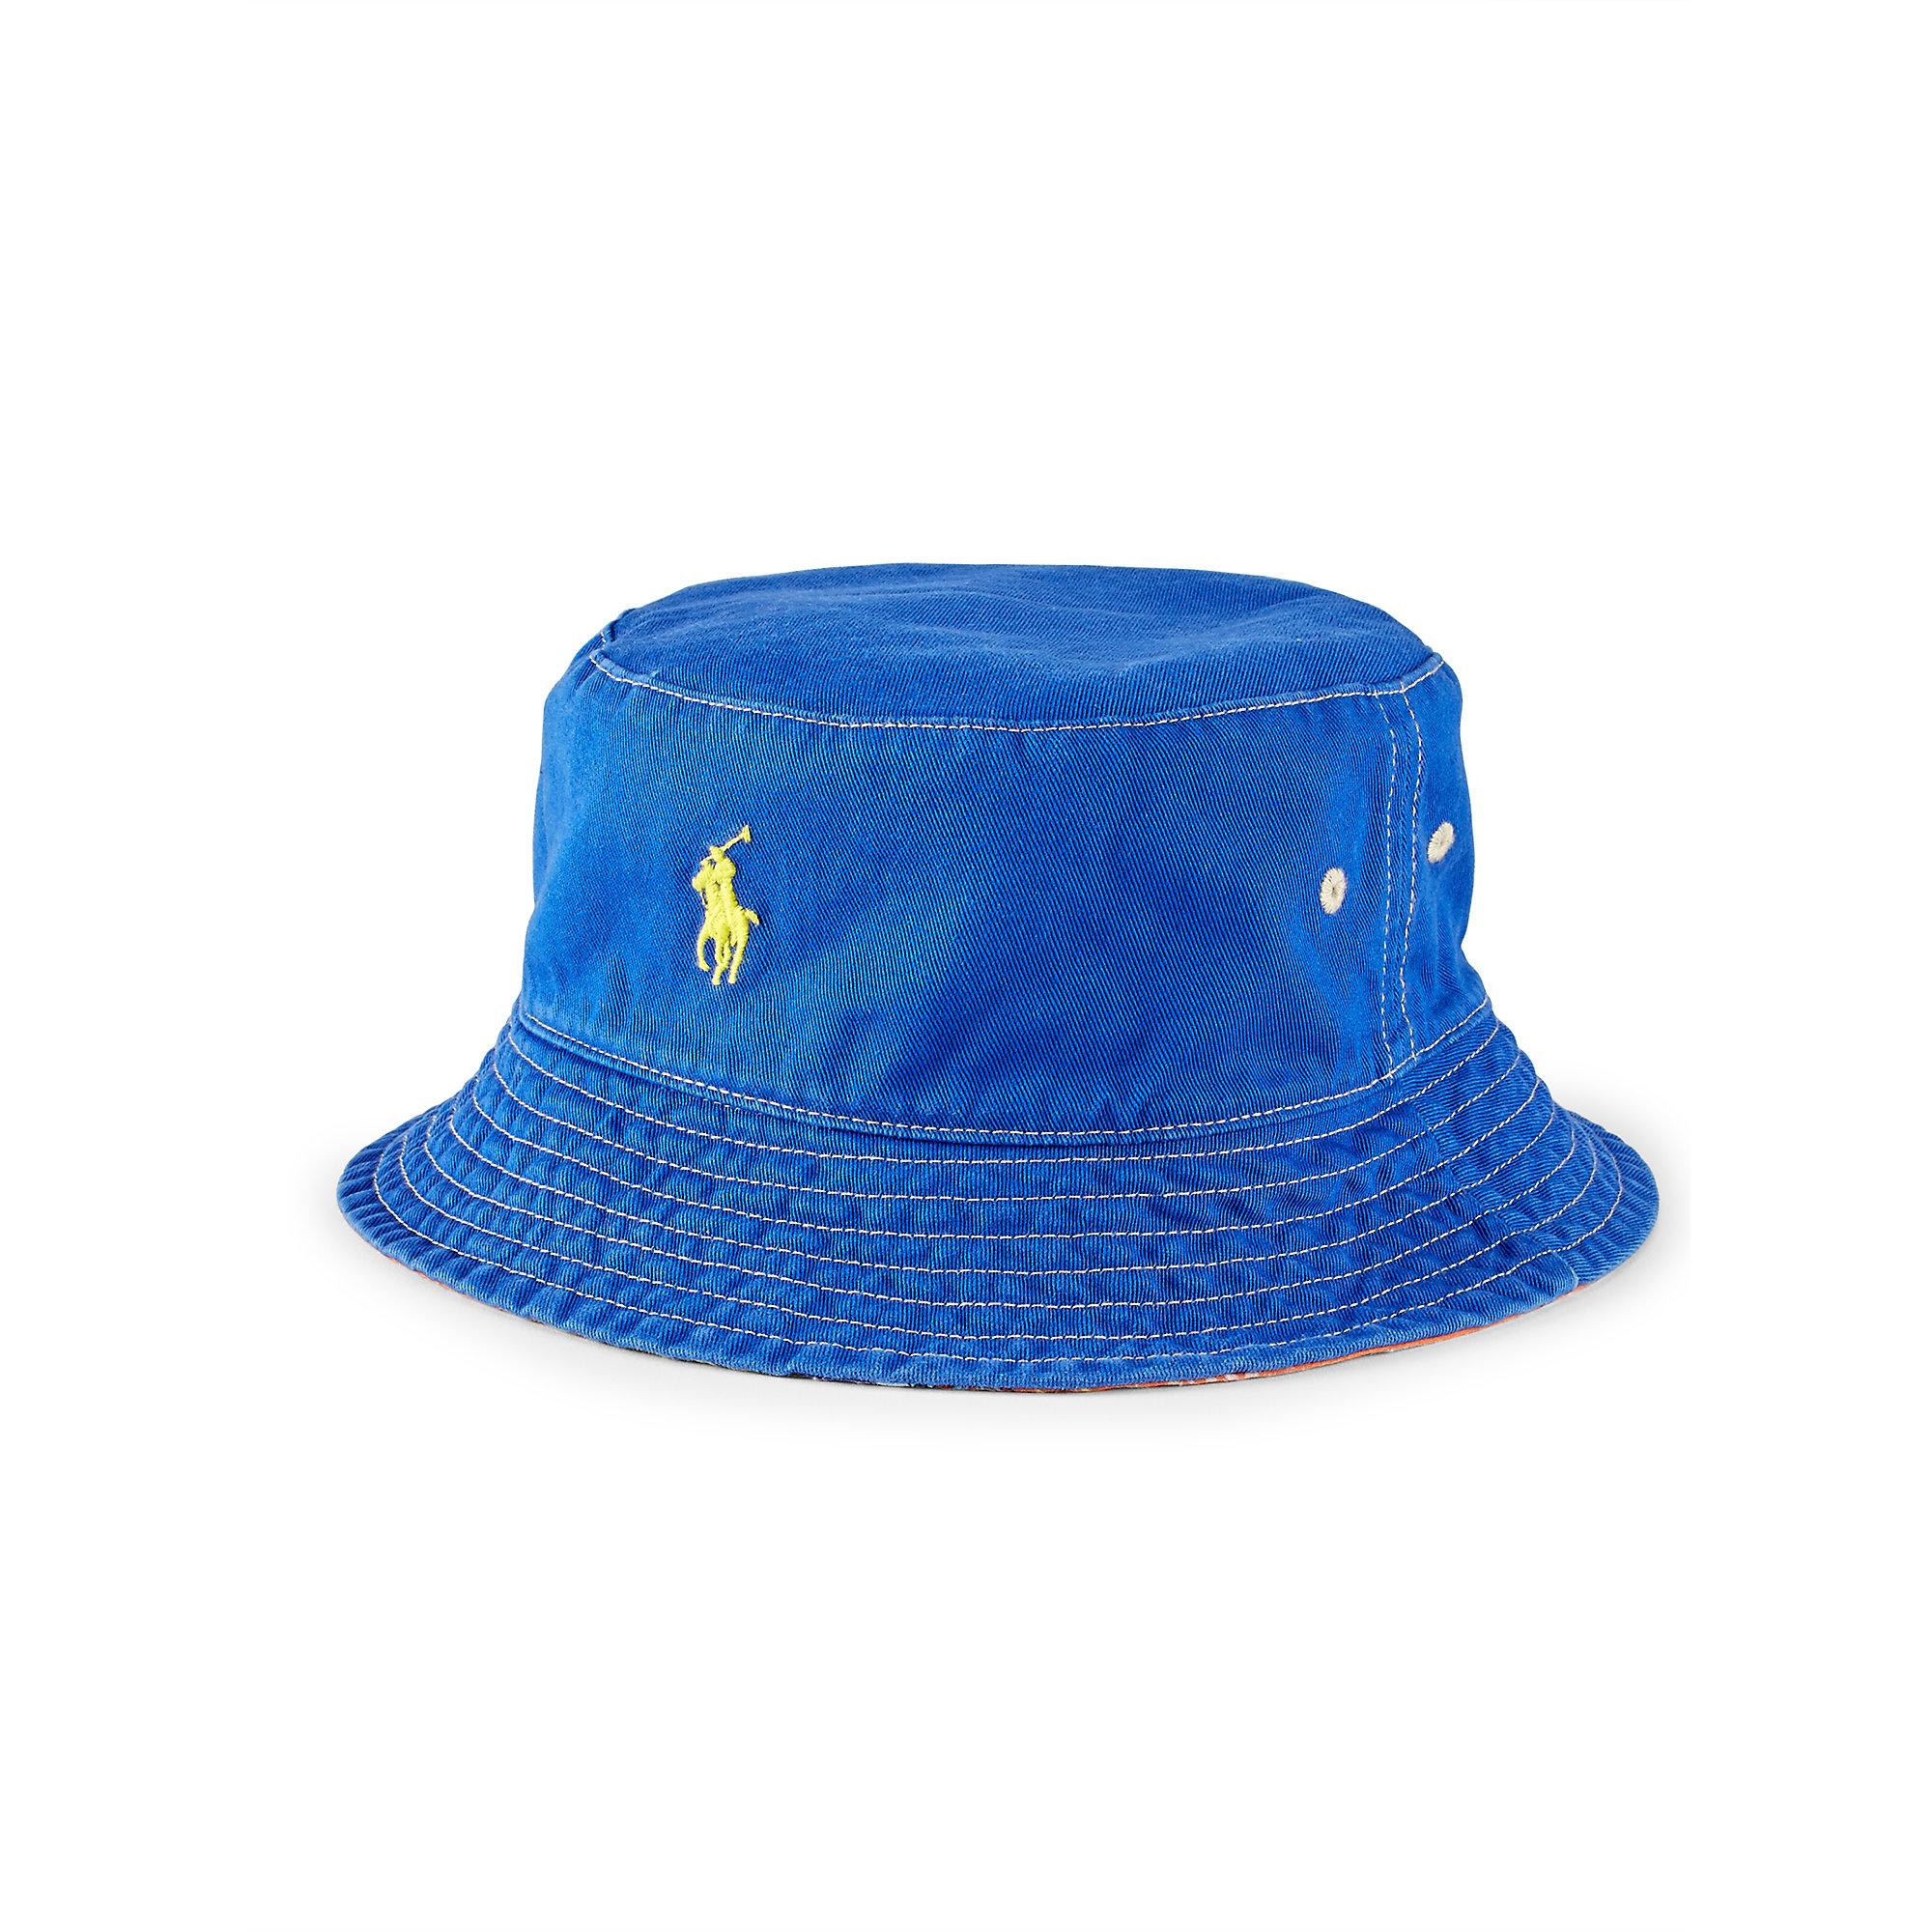 Lyst - Polo Ralph Lauren Reversible Twill Bucket Hat in Blue 099a10c00712